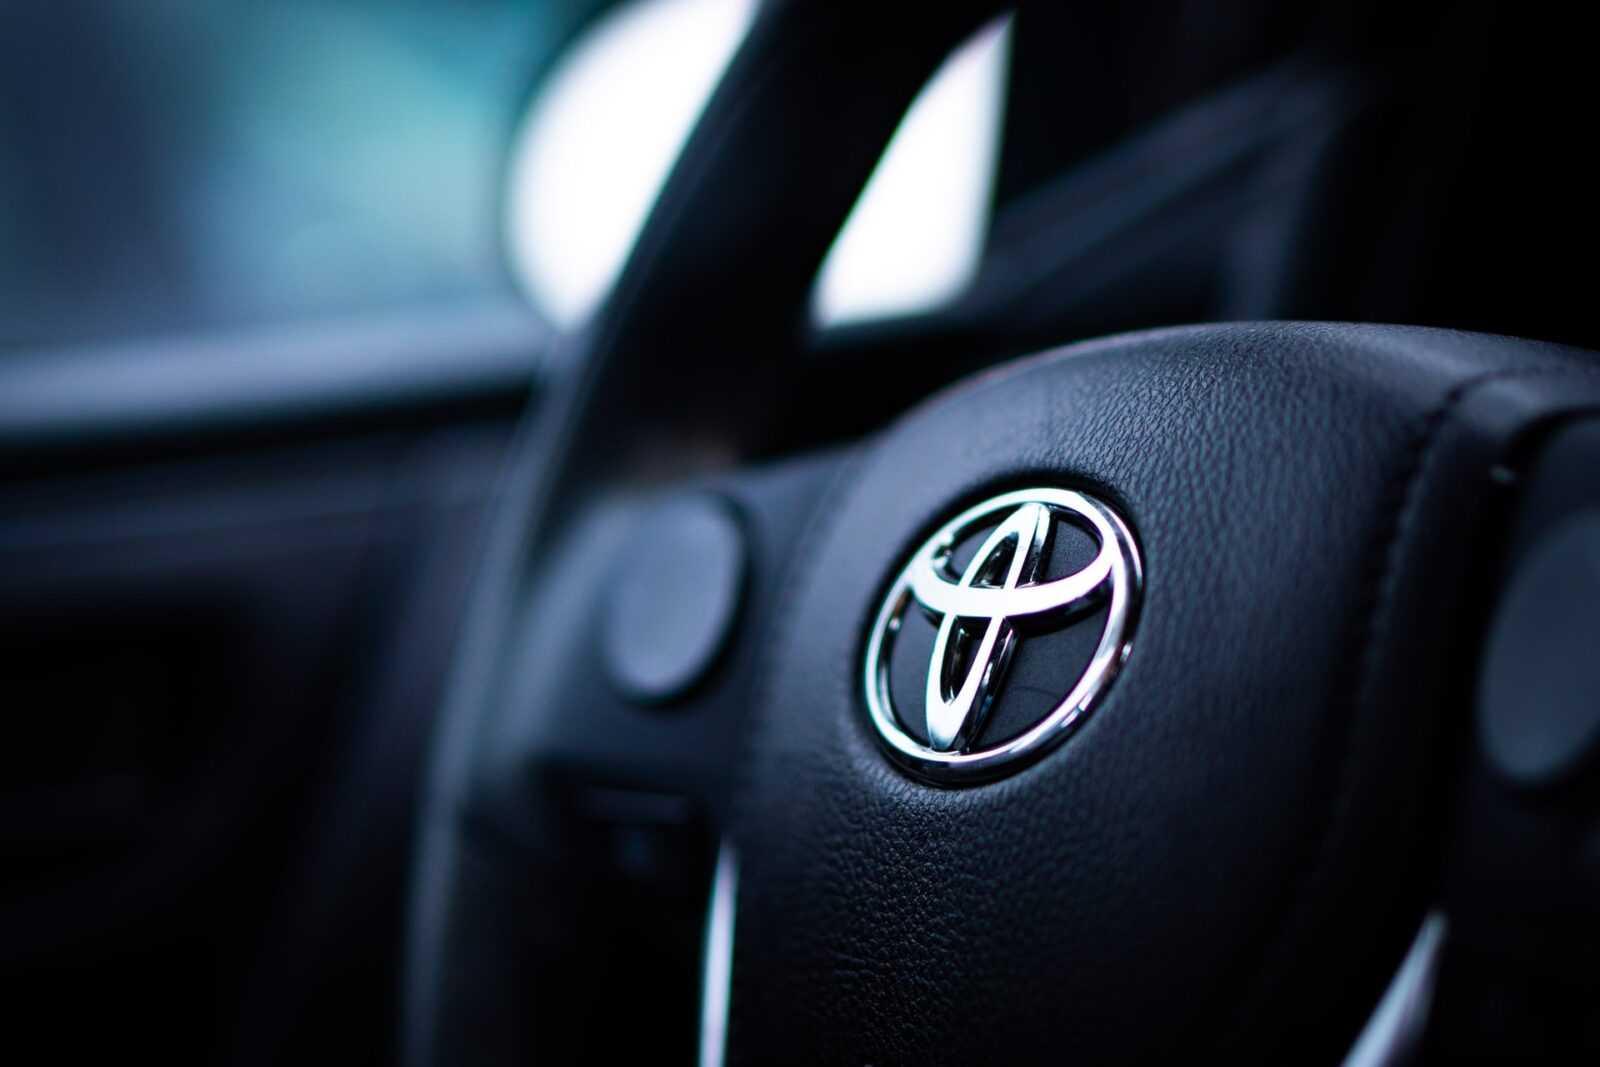 Toyota proace wymiary